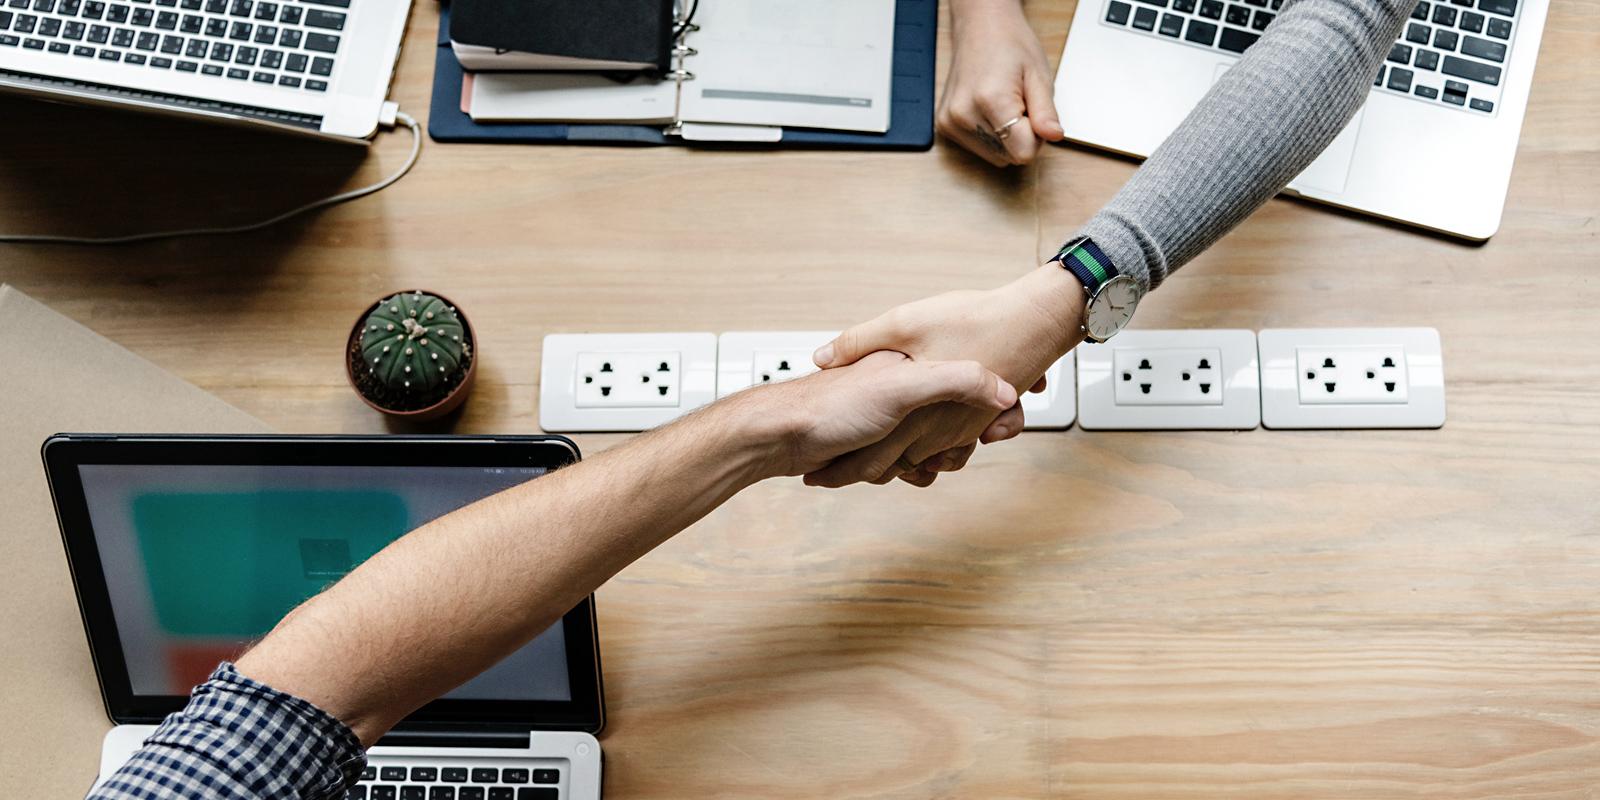 Softwareentwicklung: Zusammenarbeit